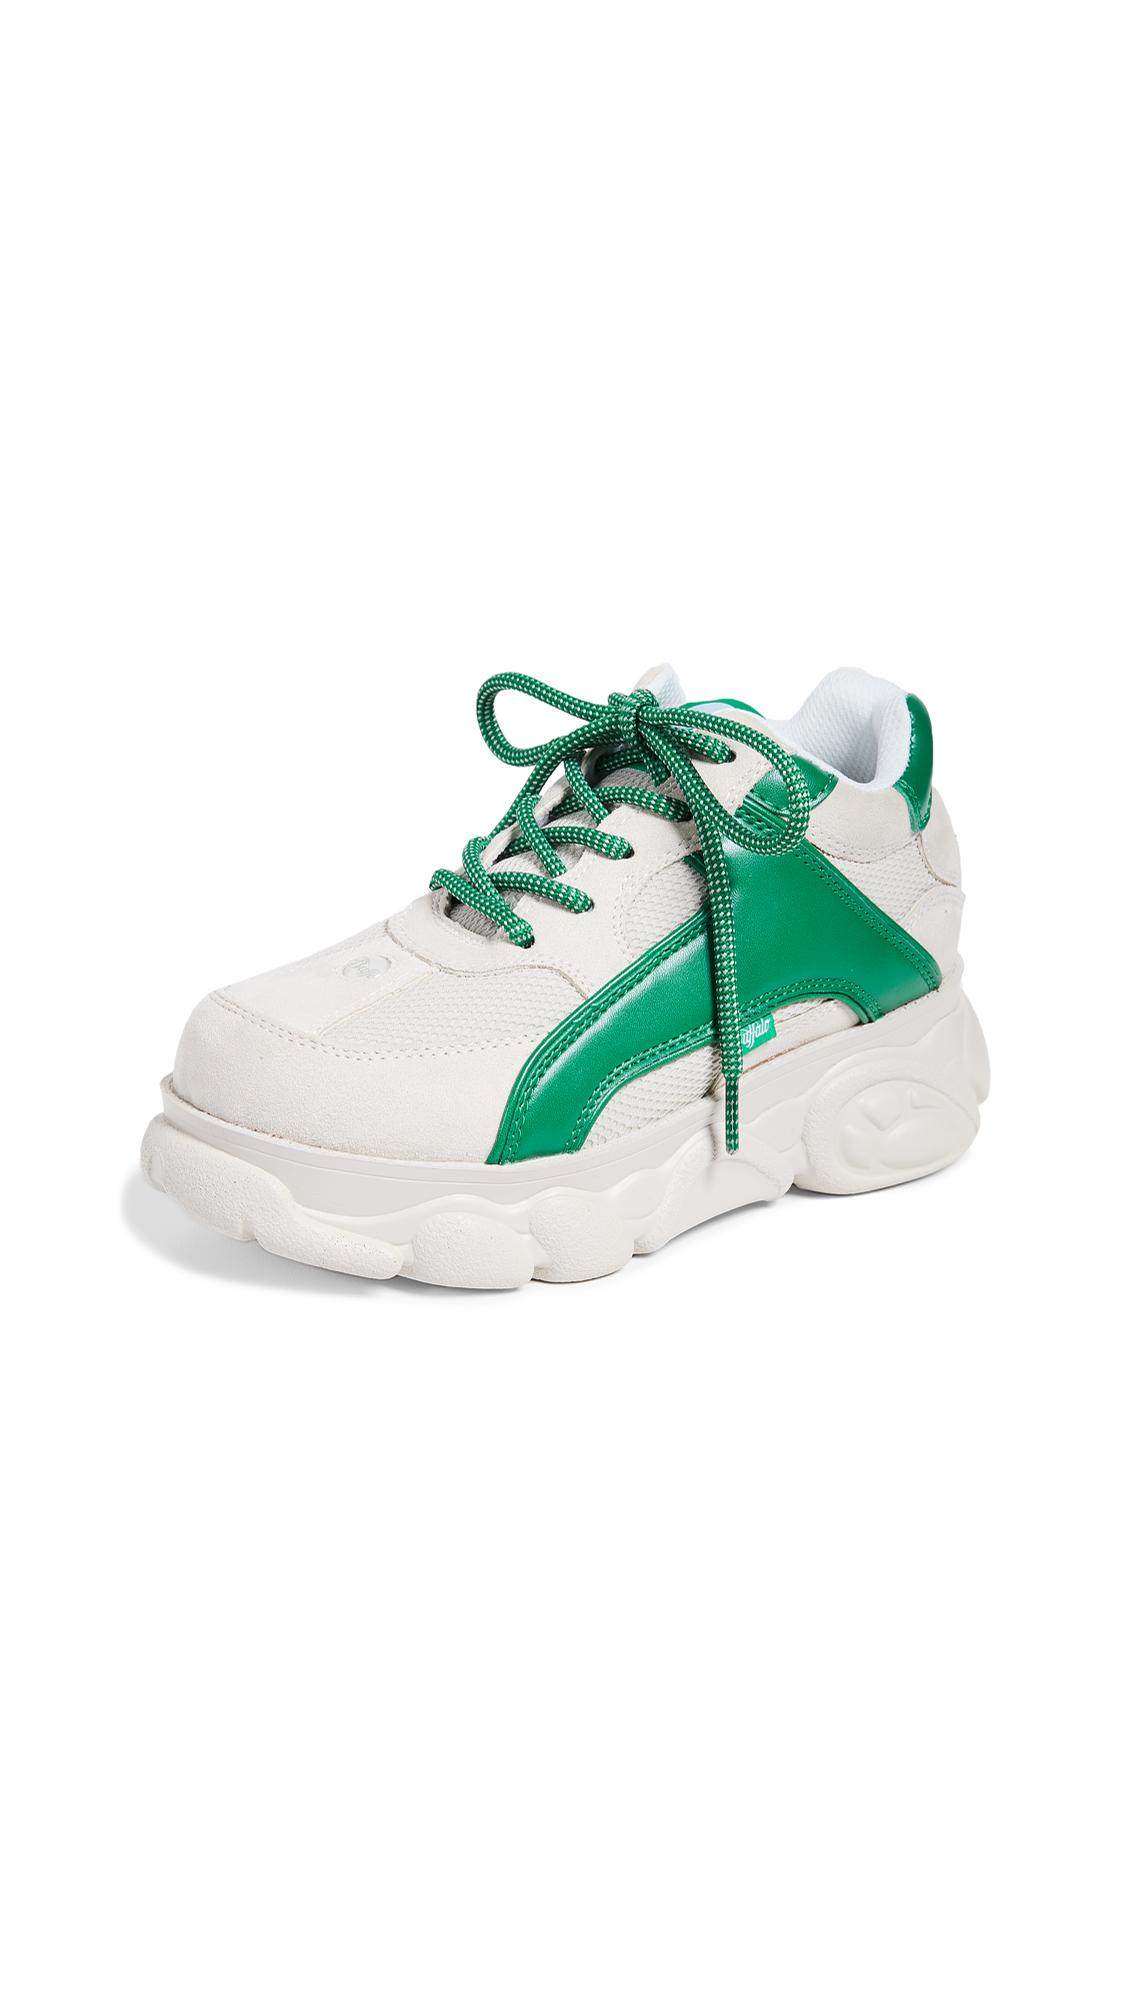 Buffalo London Colby Sneakers - Beige/Green